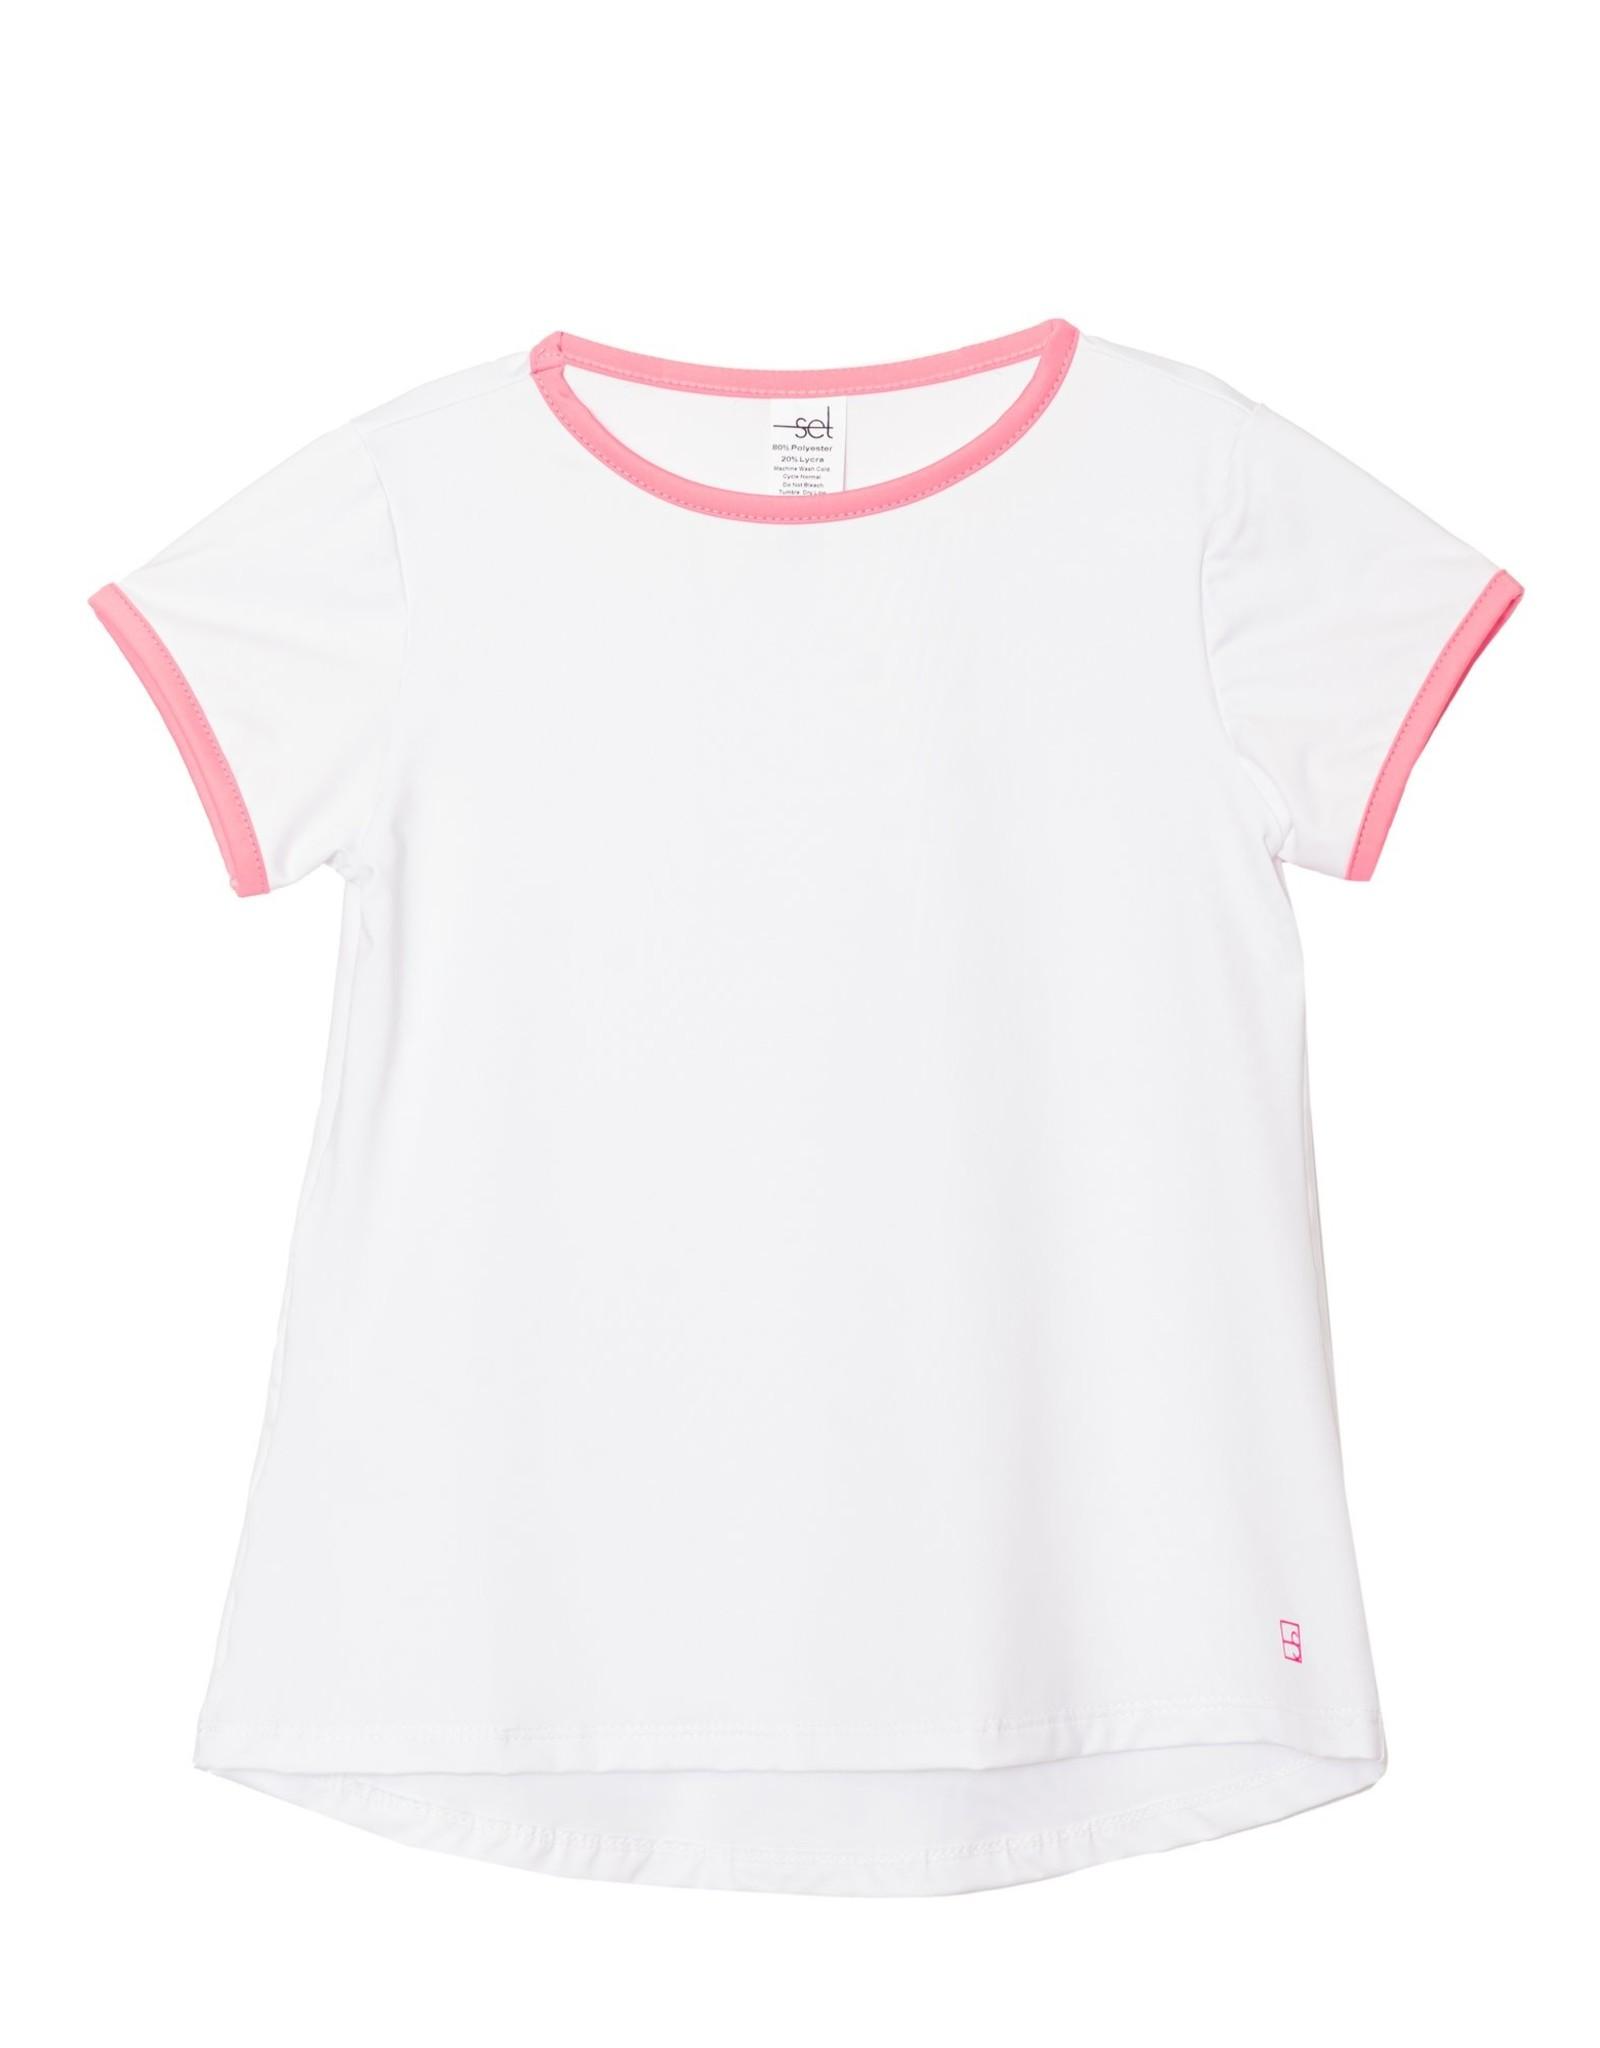 SET Bridget Basic S/S Tee White/Pink Welting